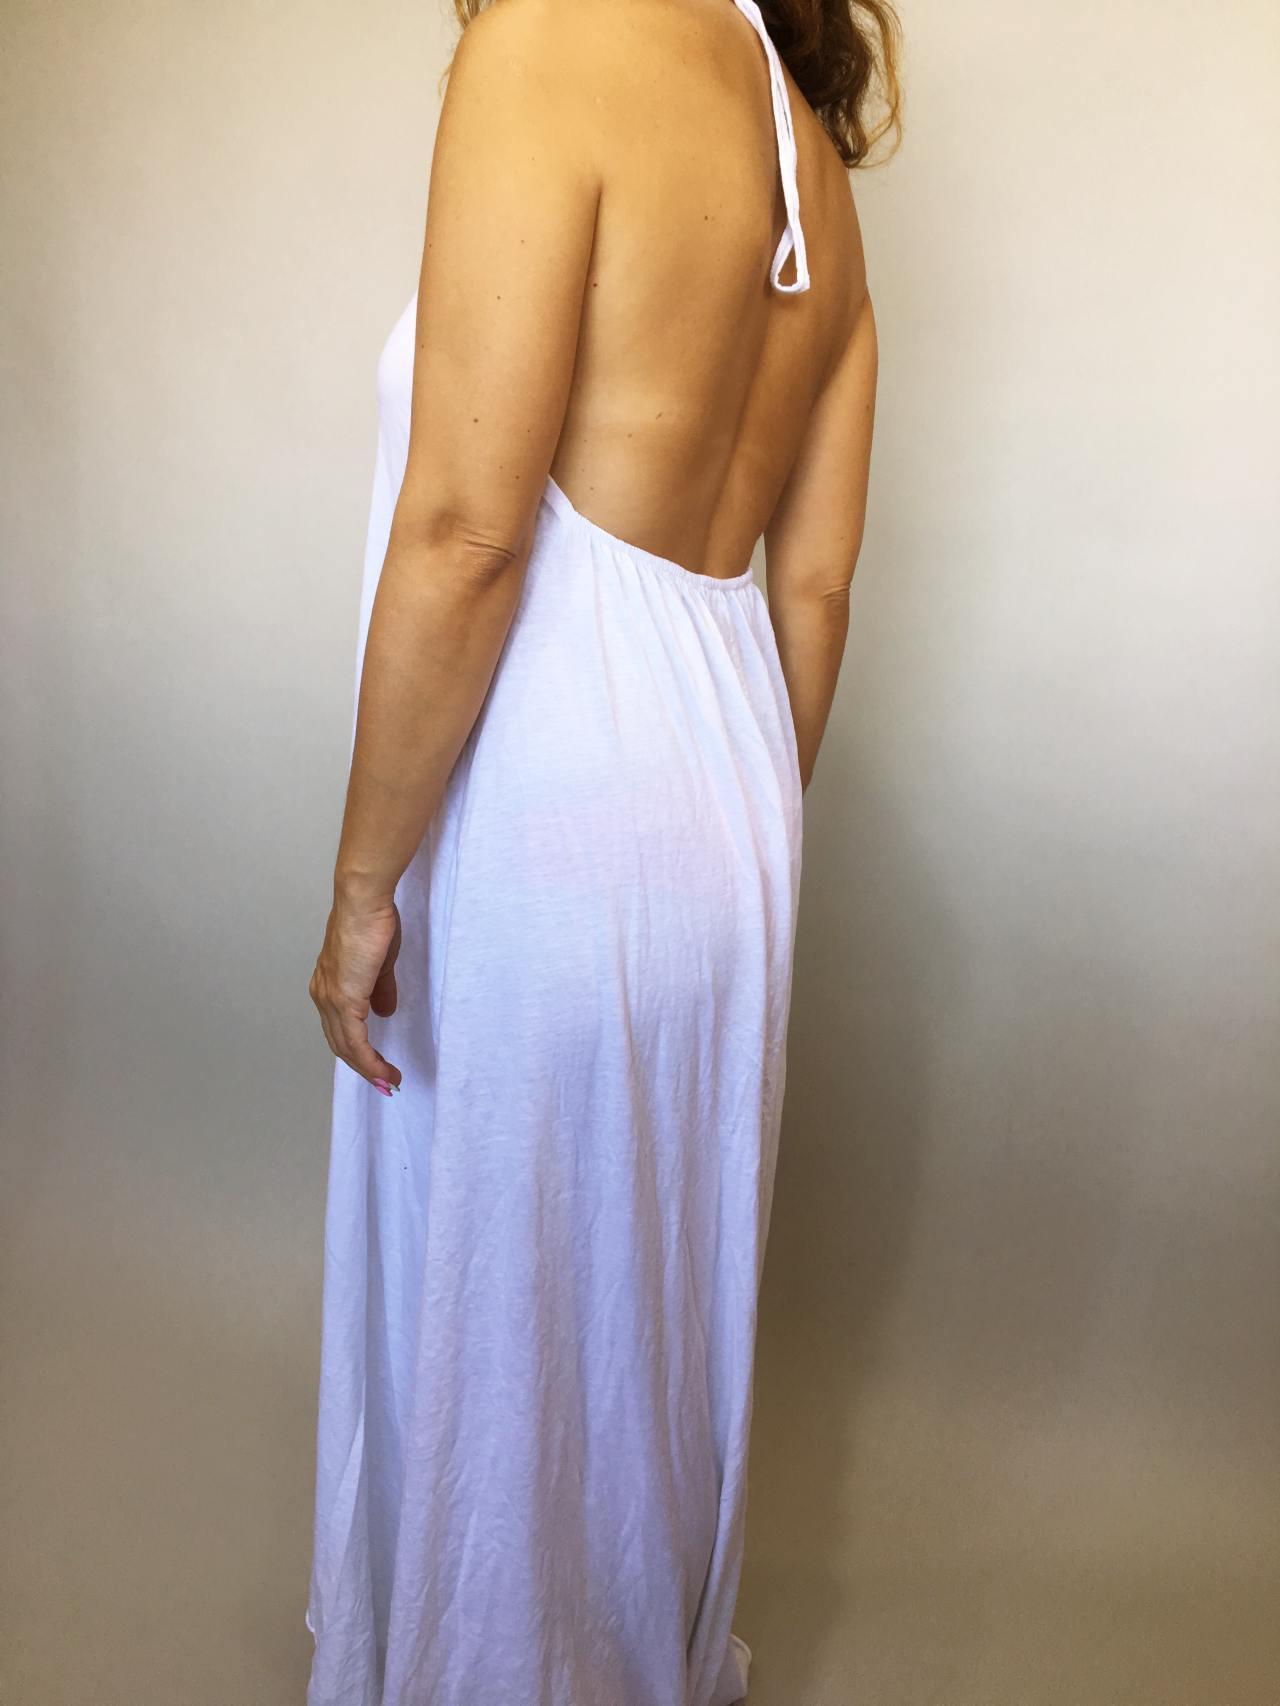 Šaty Sandy bílé 05